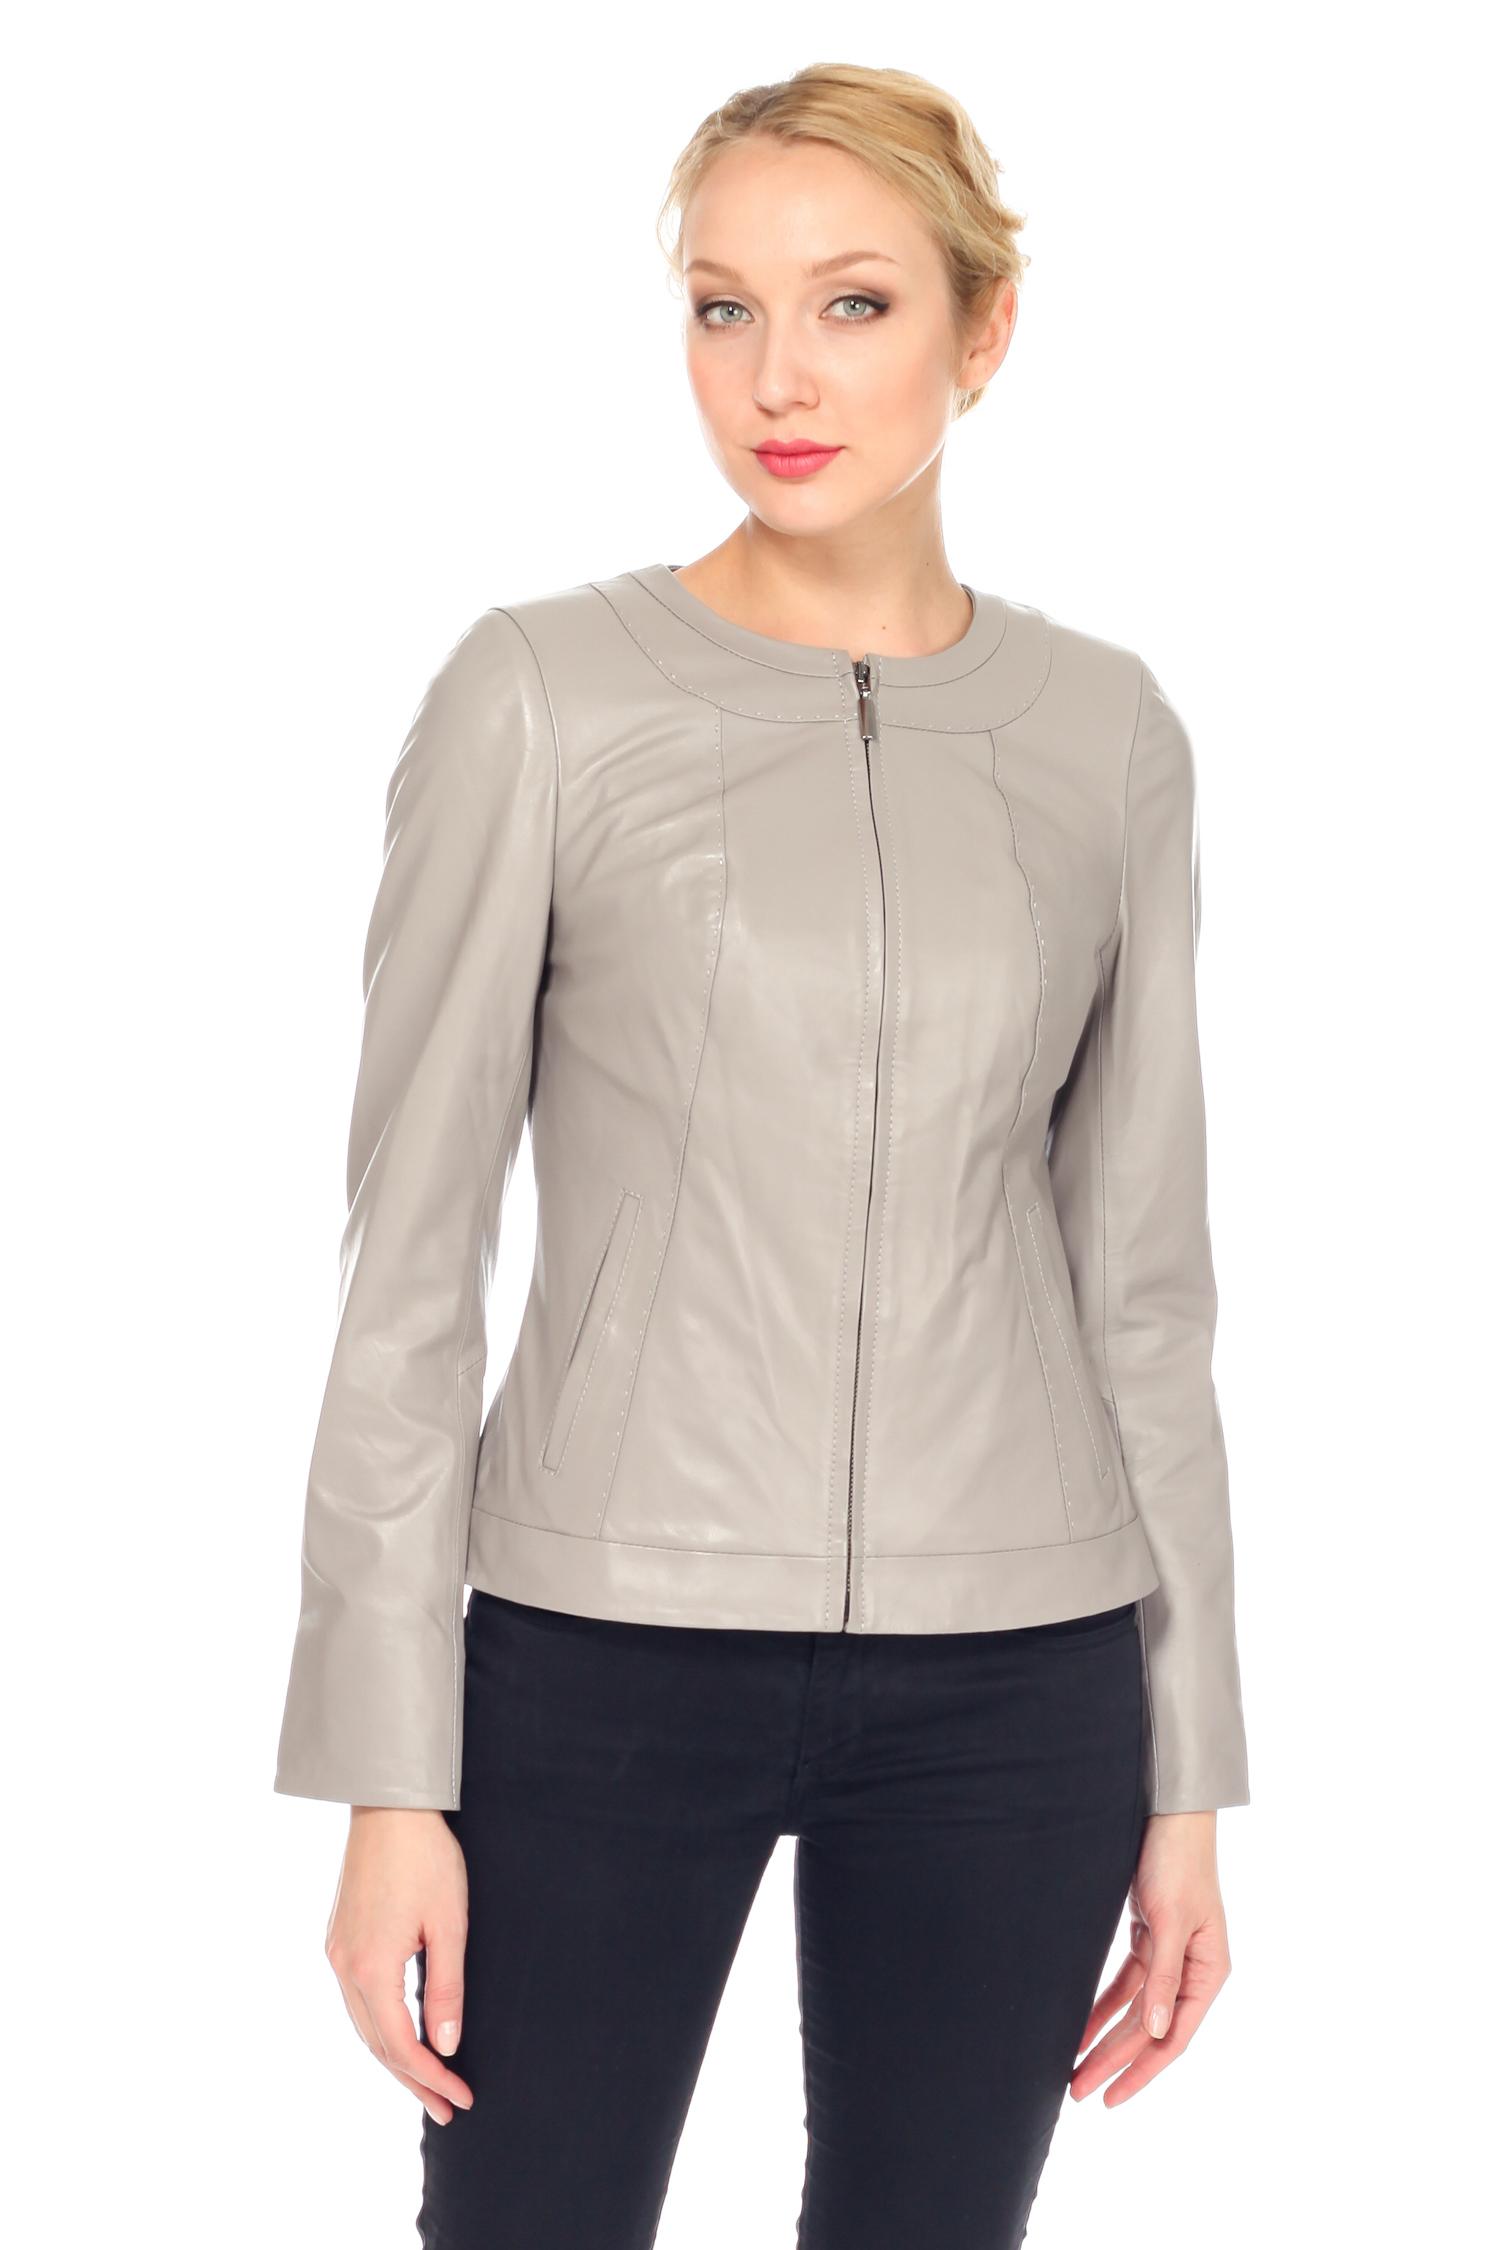 Женская кожаная куртка из натуральной кожи с воротником, без отделки<br><br>Длина см: Короткая (51-74 )<br>Воротник: без воротника<br>Цвет: серый<br>Материал: Кожа овчина<br>Пол: Женский<br>Размер RU: 44